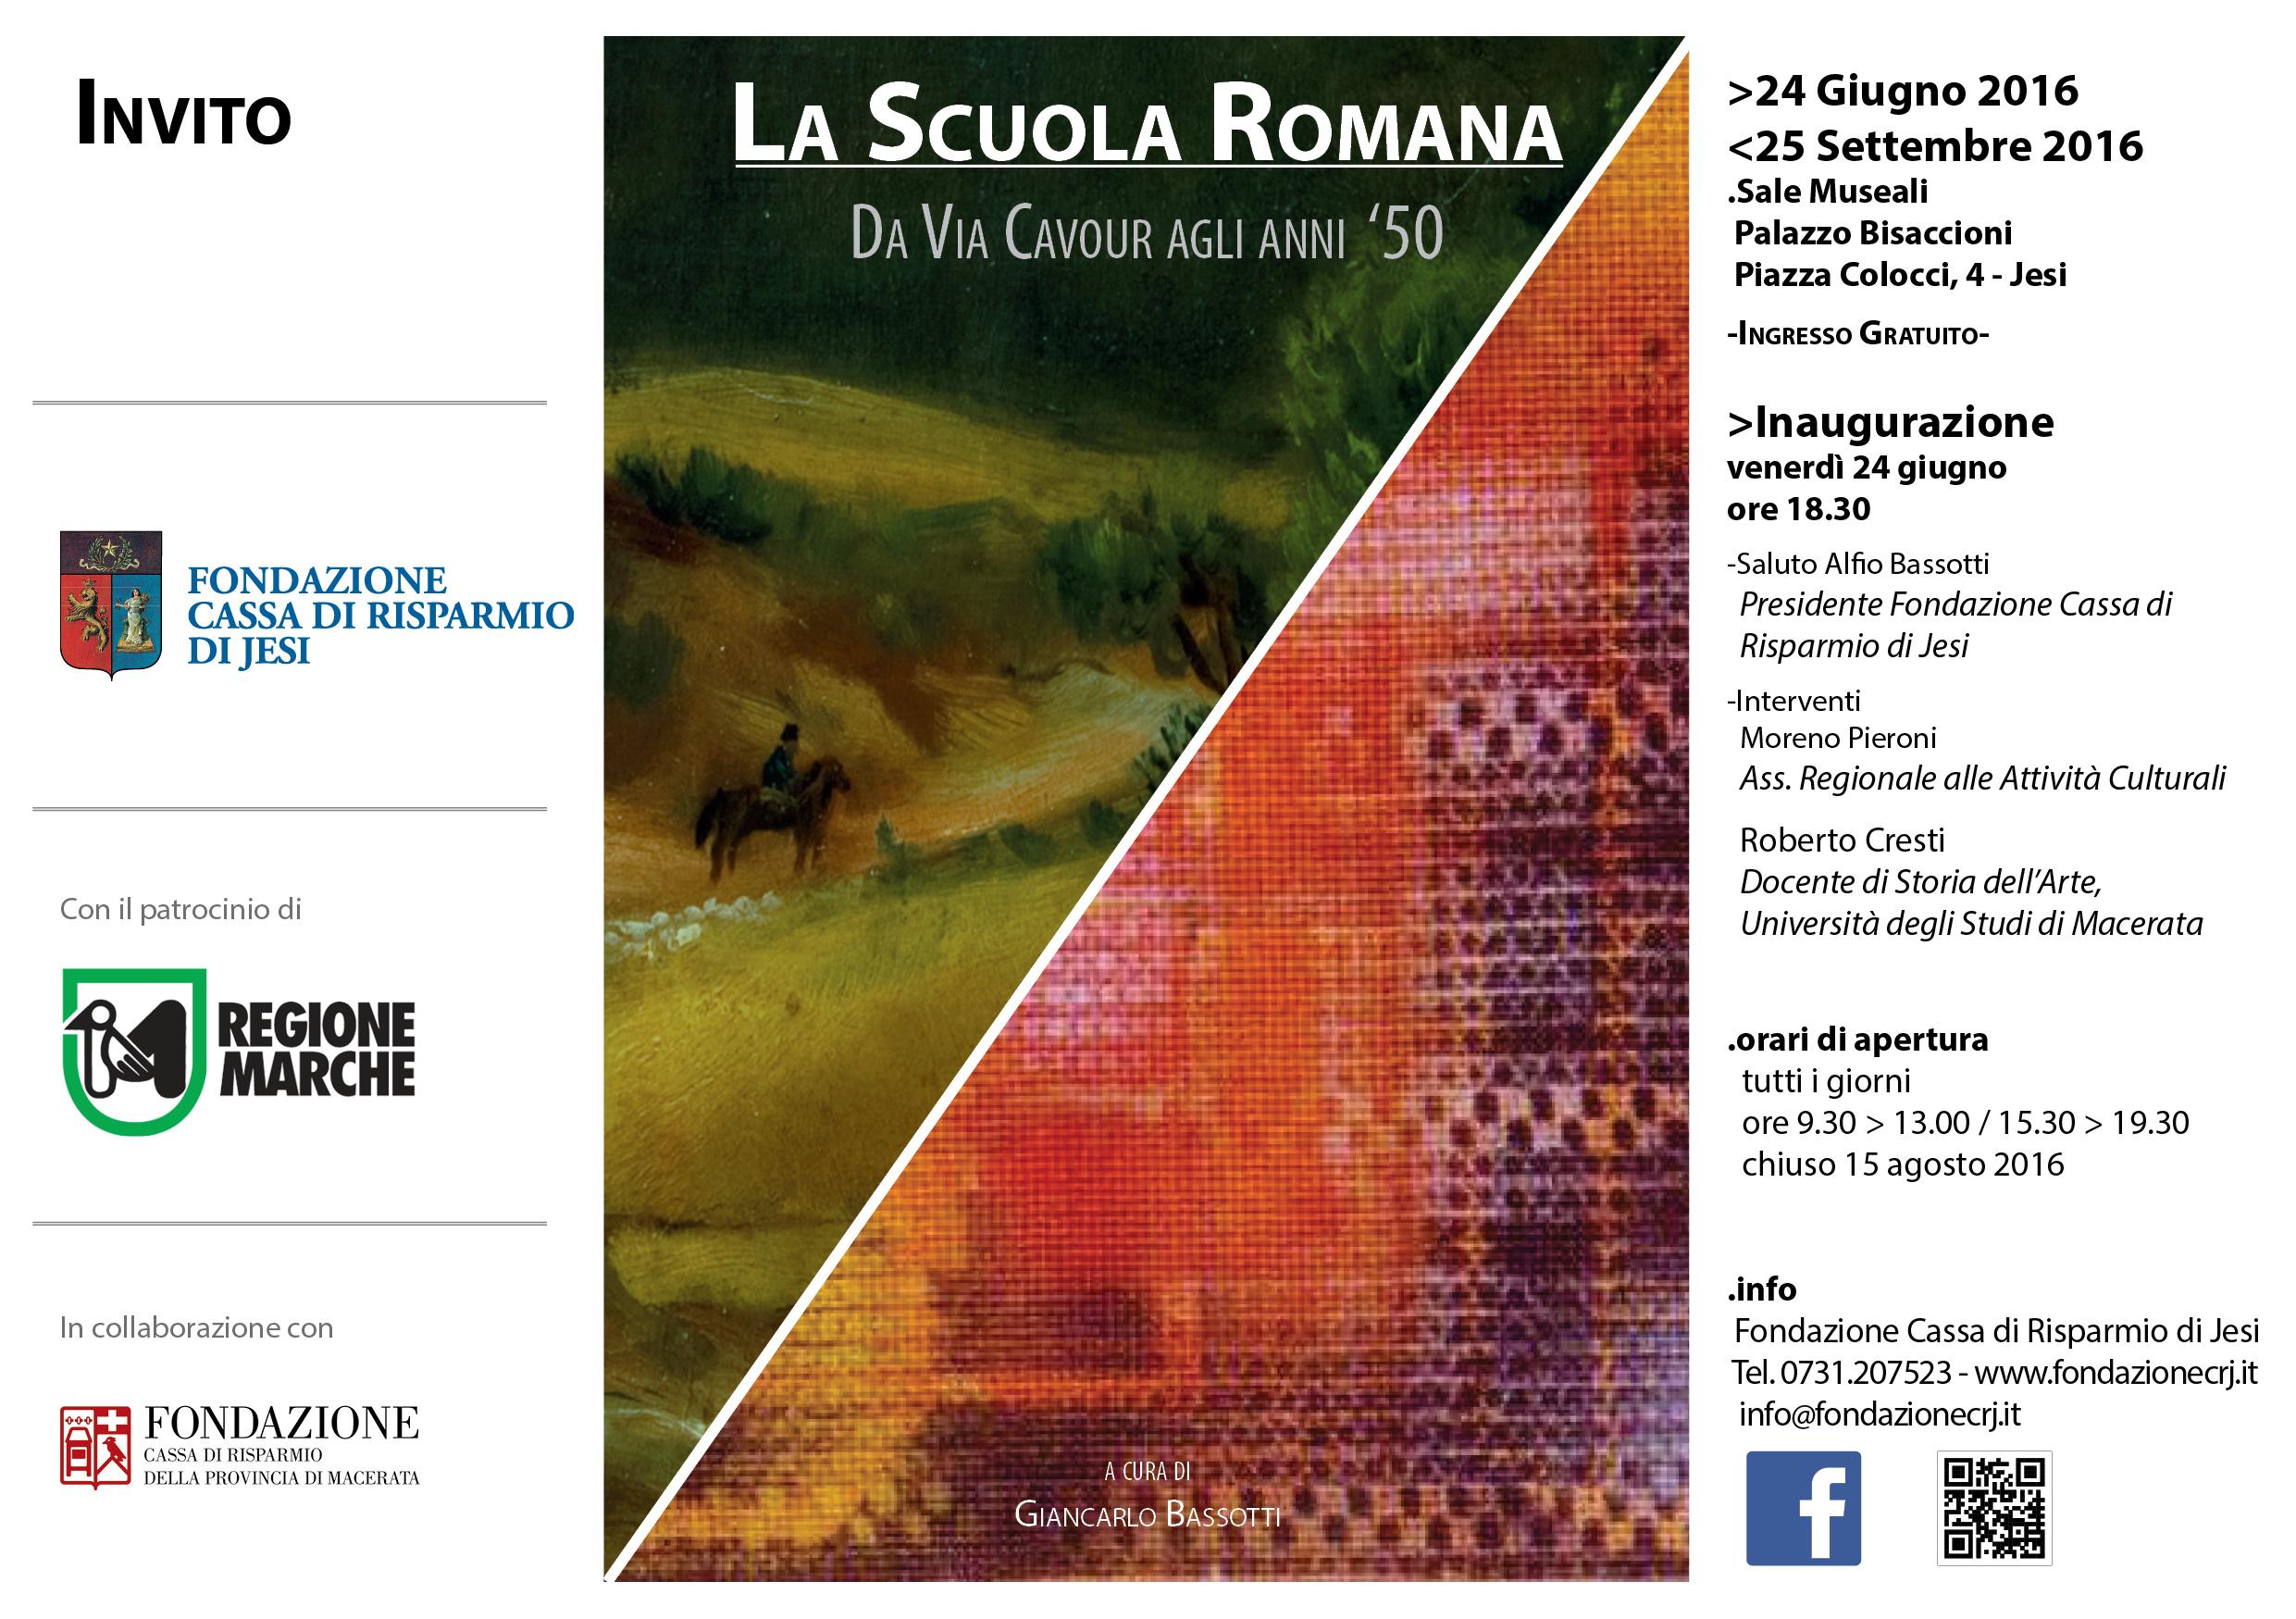 LA-SCUOLA-ROMANA-Invito-16-05-16